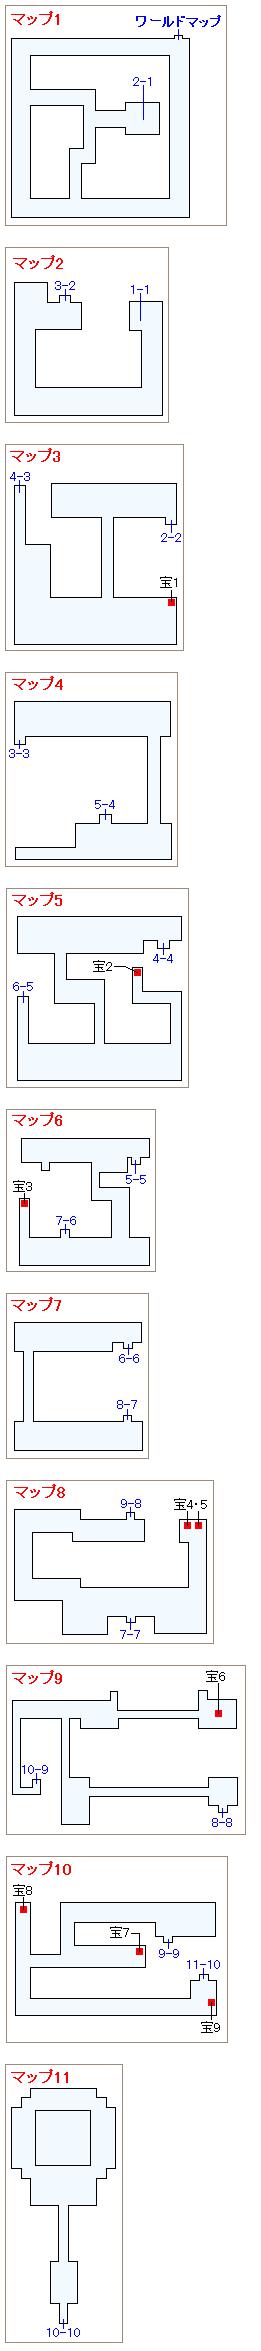 オーエンの塔のマップ画像